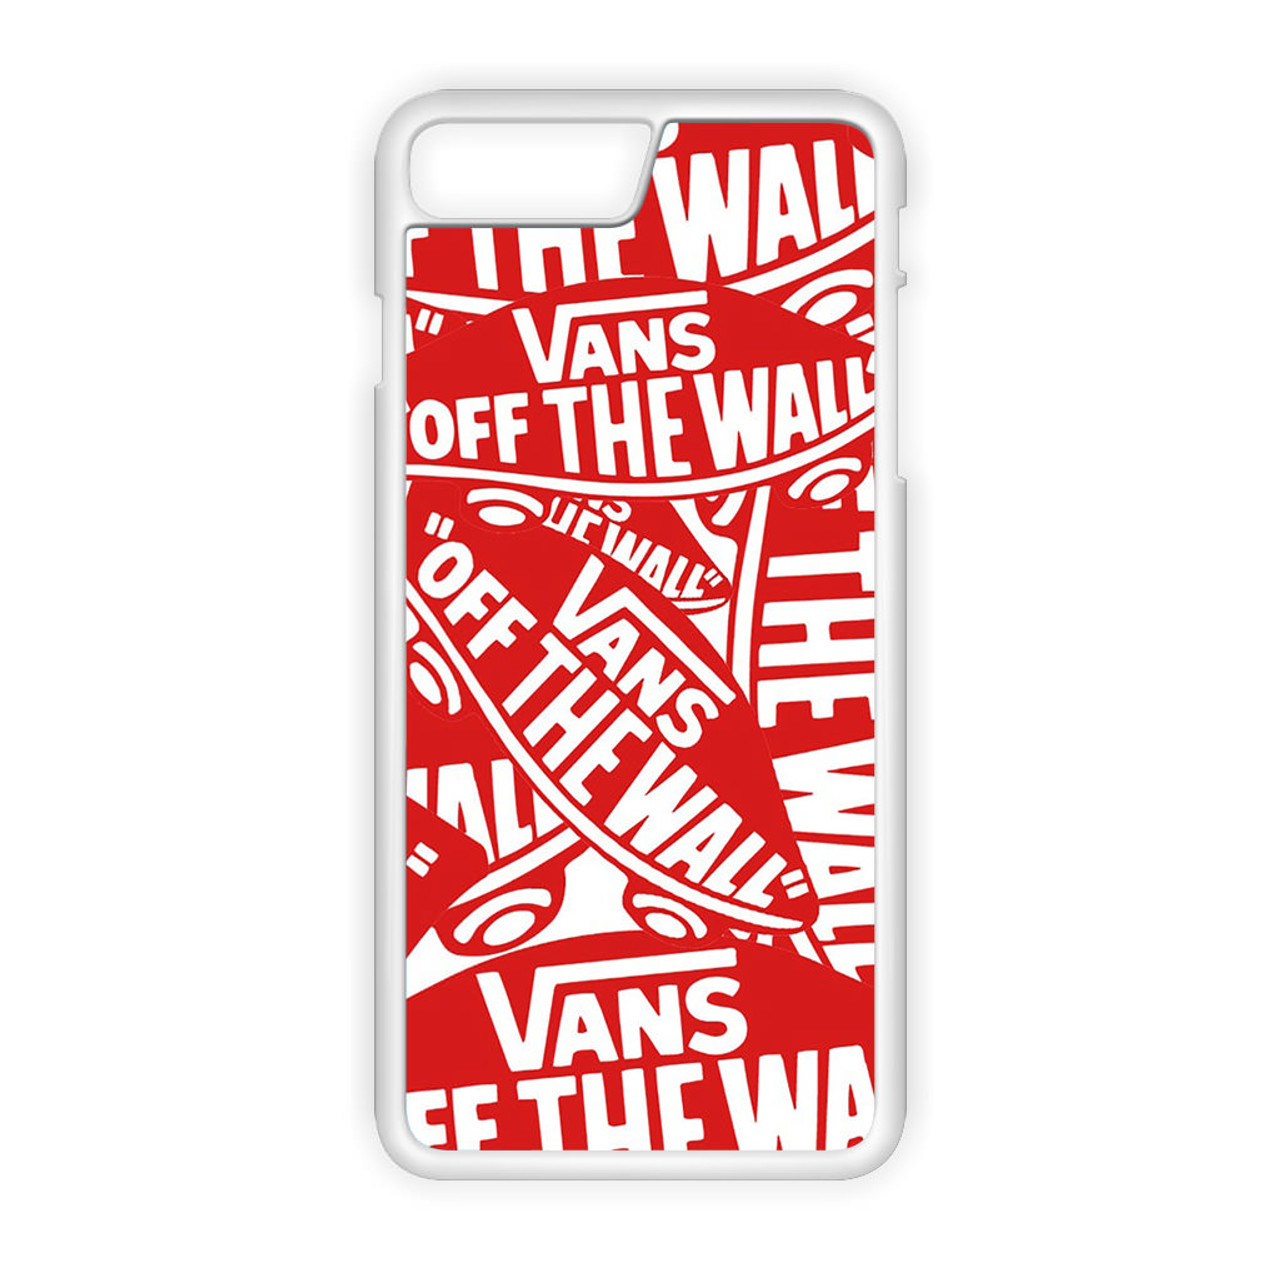 najlepszy dostawca świetne okazje 2017 tani Vans logo iPhone 7 Plus Case